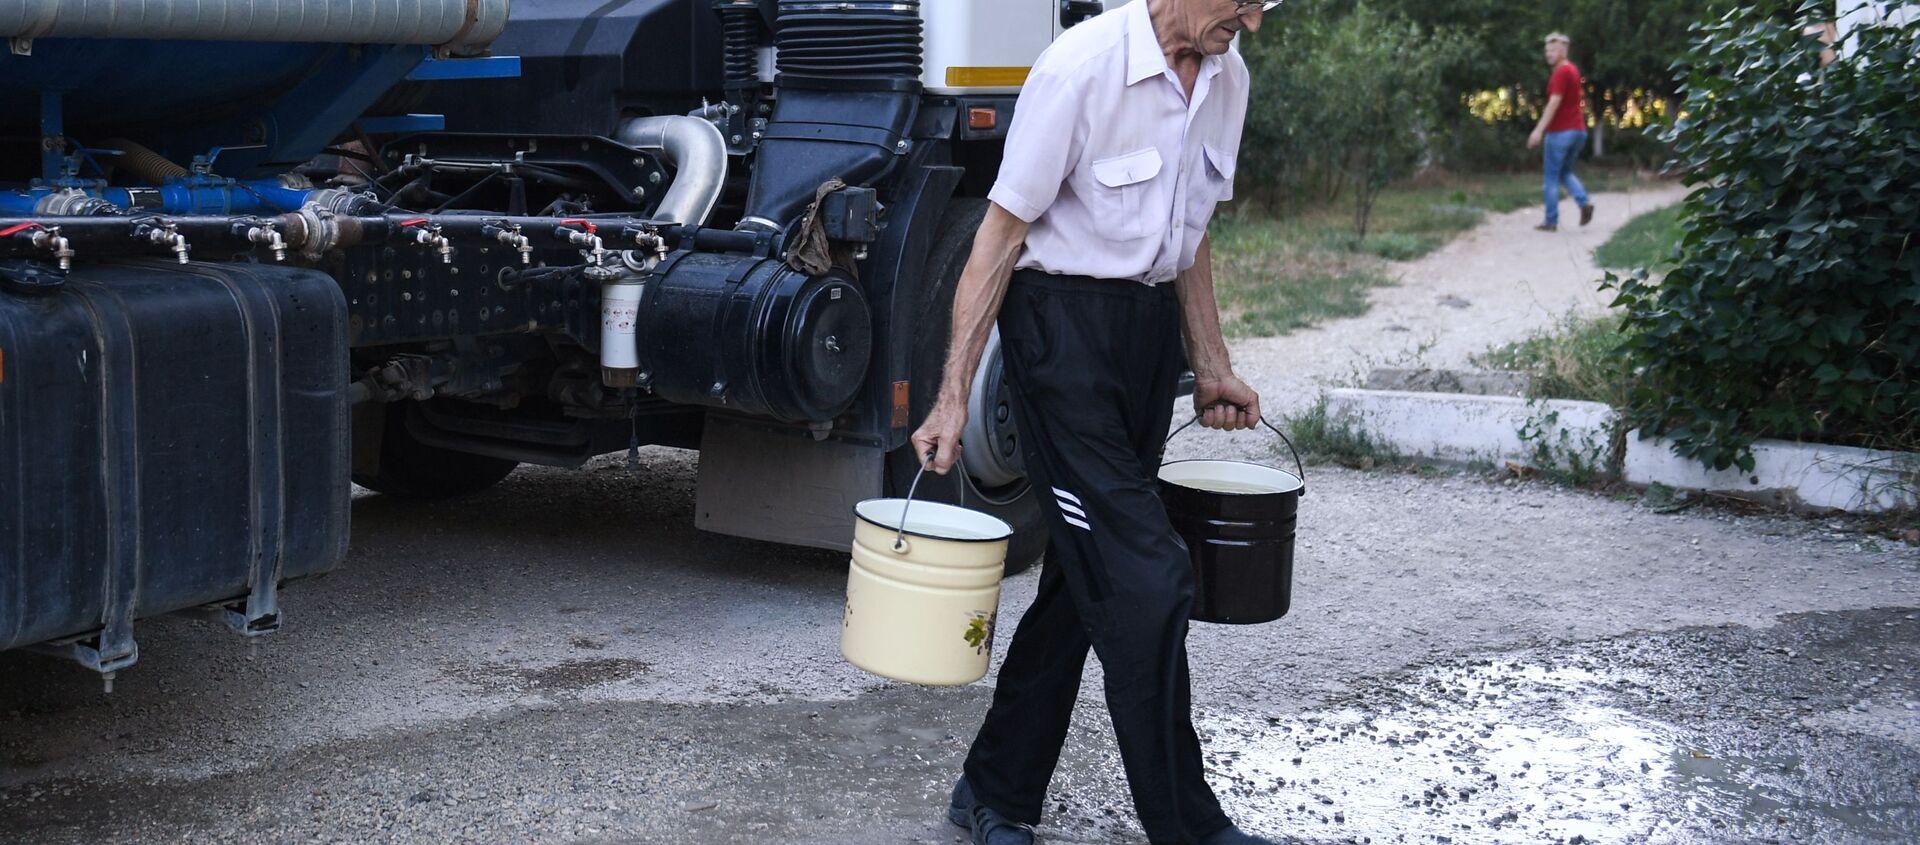 Obyvatel Simferopolu nese sladkou vodu, kterou přivezli v cisternách - Sputnik Česká republika, 1920, 18.03.2021